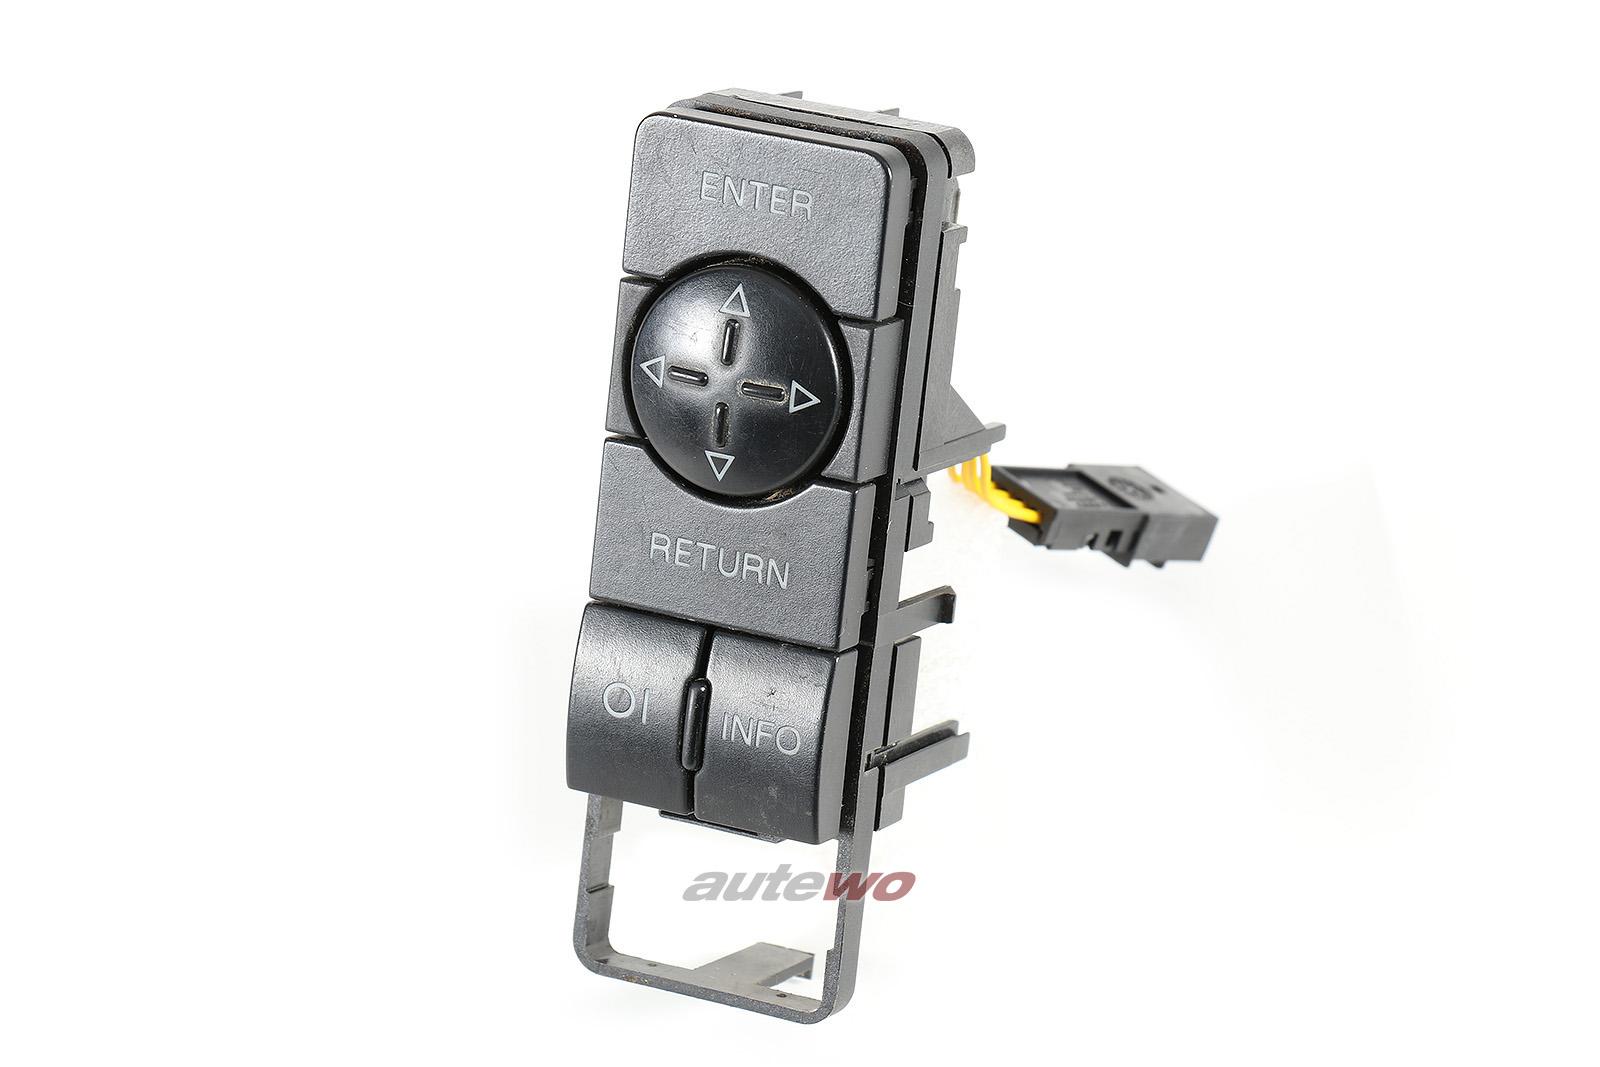 4B0919875 4B0919885 Audi A4/S4 B5/A6/S6 4B Schalter Bedieneinheit Navigation